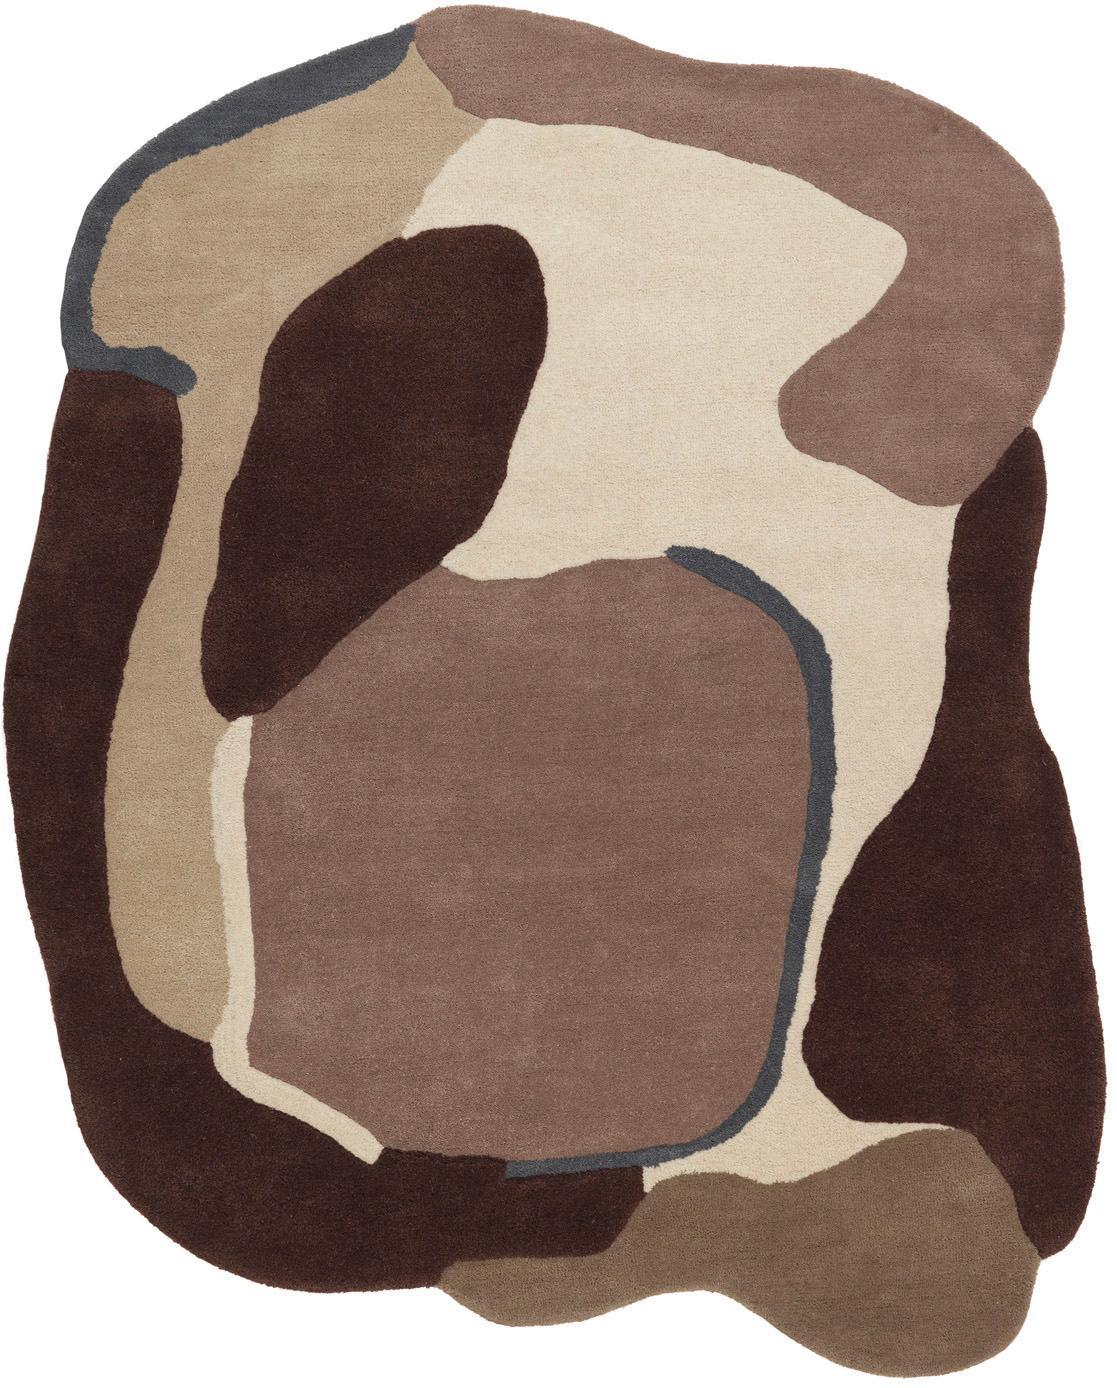 Wollteppich Oblivian mit Hoch-Tief-Effekt in Rot-Beige, Flor: Wolle, Rot, Beige, B 140 x L 180 cm (Größe S)